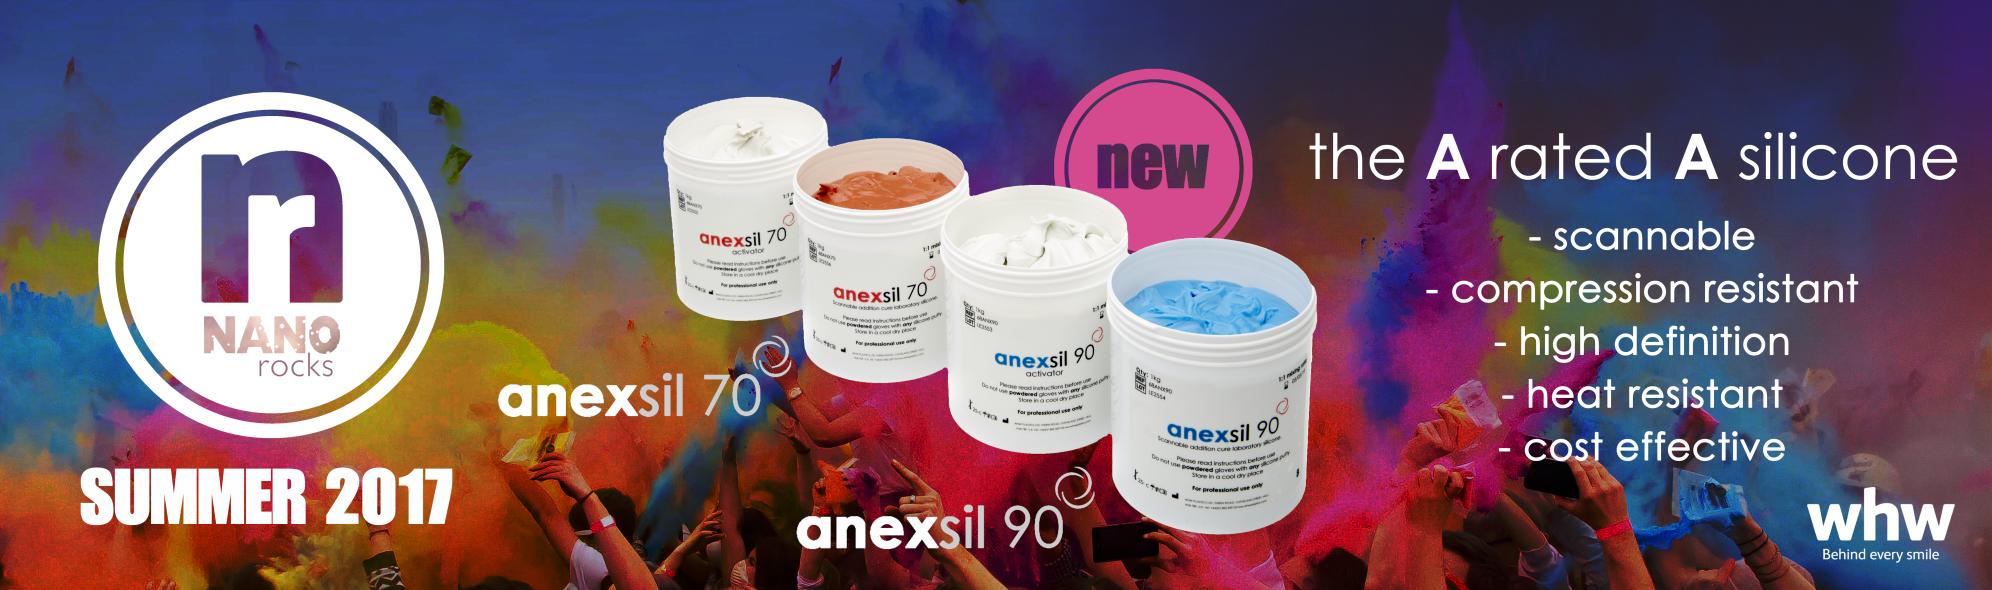 anexsil 4